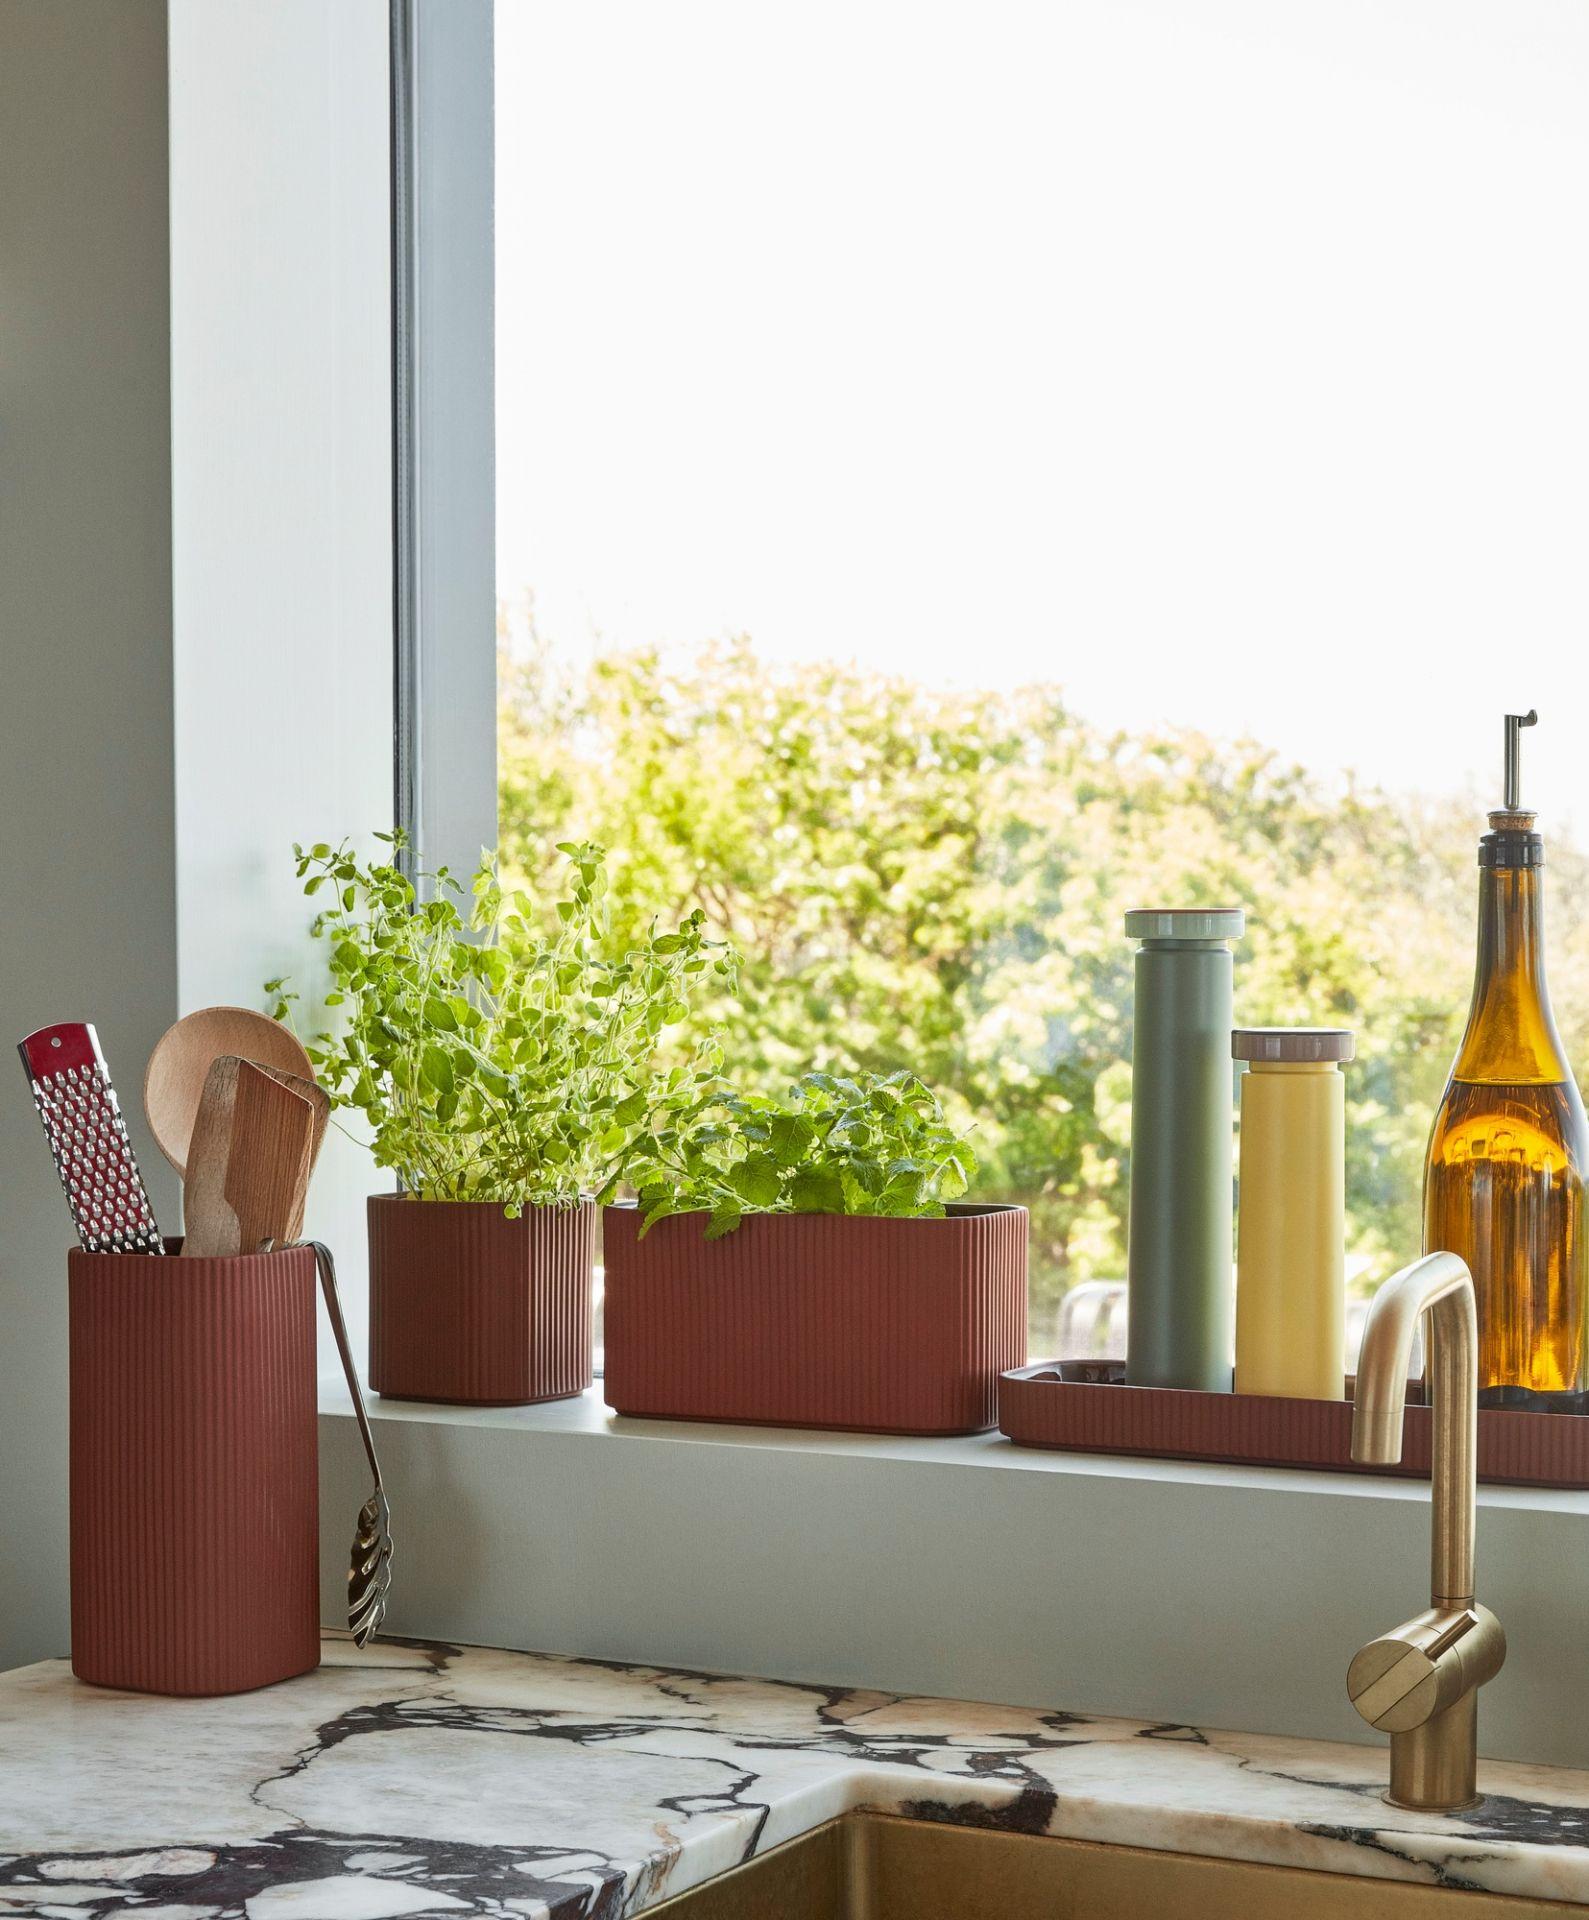 Facade Herb Pot Blumentopf Hay L